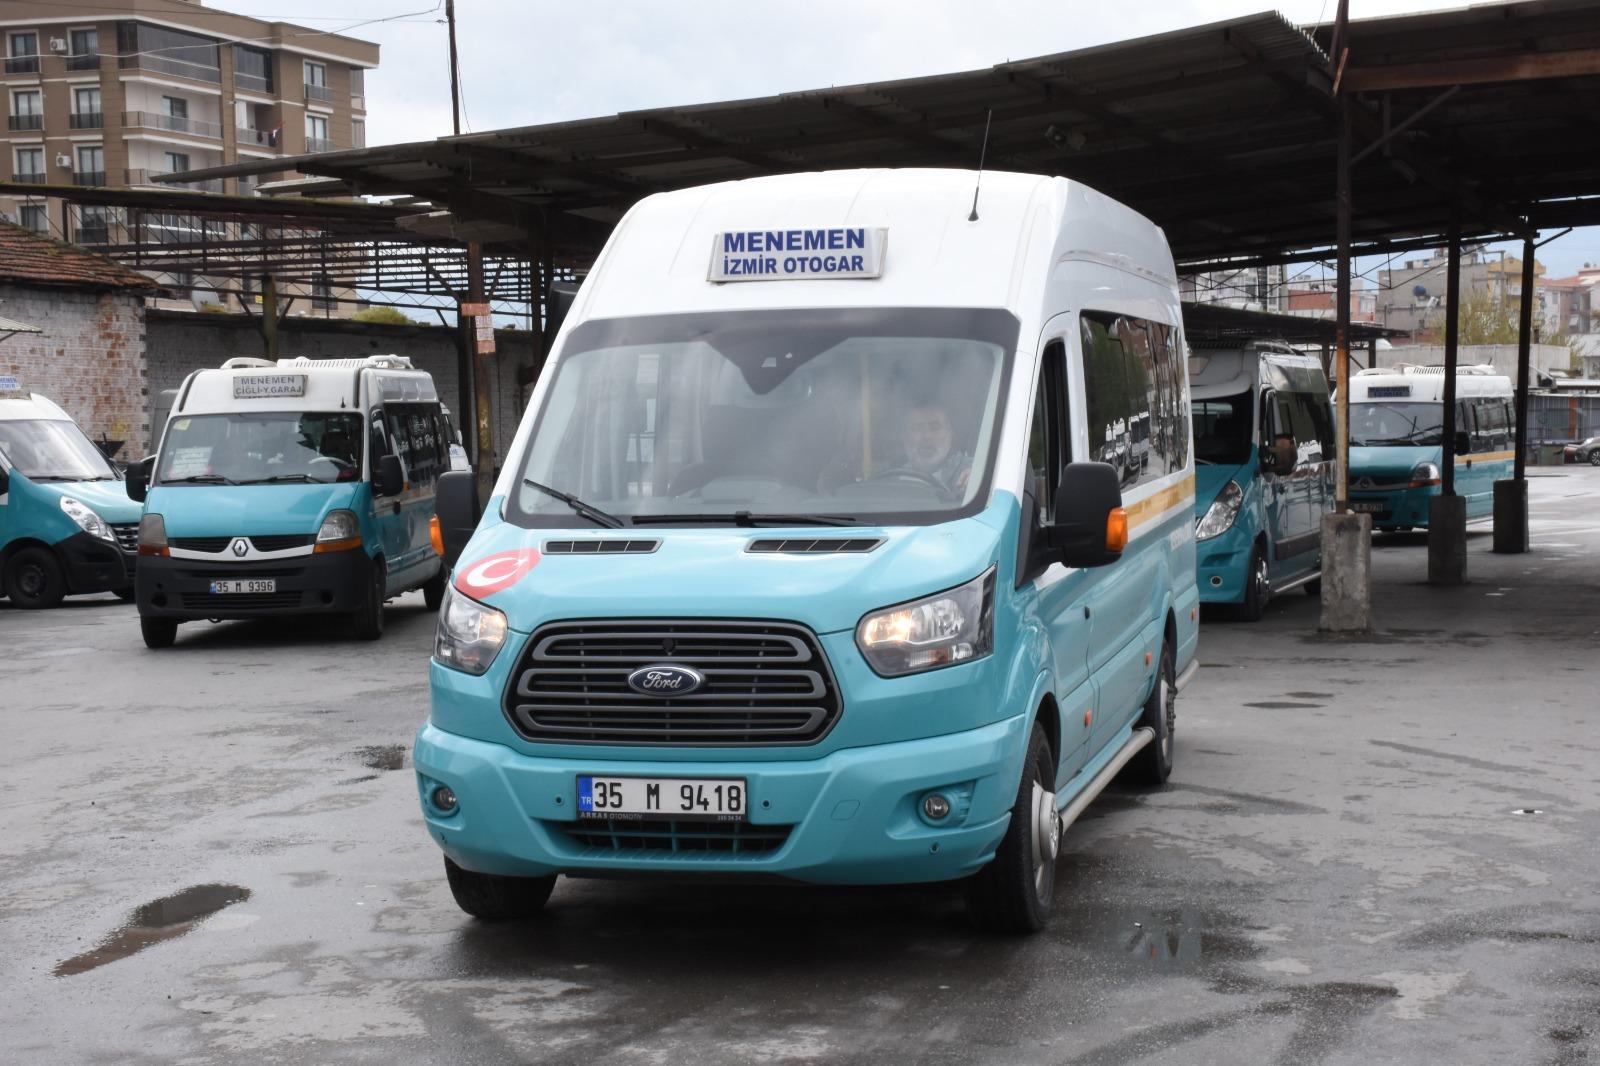 Menemen garajındaki minibüs ve otobüsçülerden ücret alınmayacak